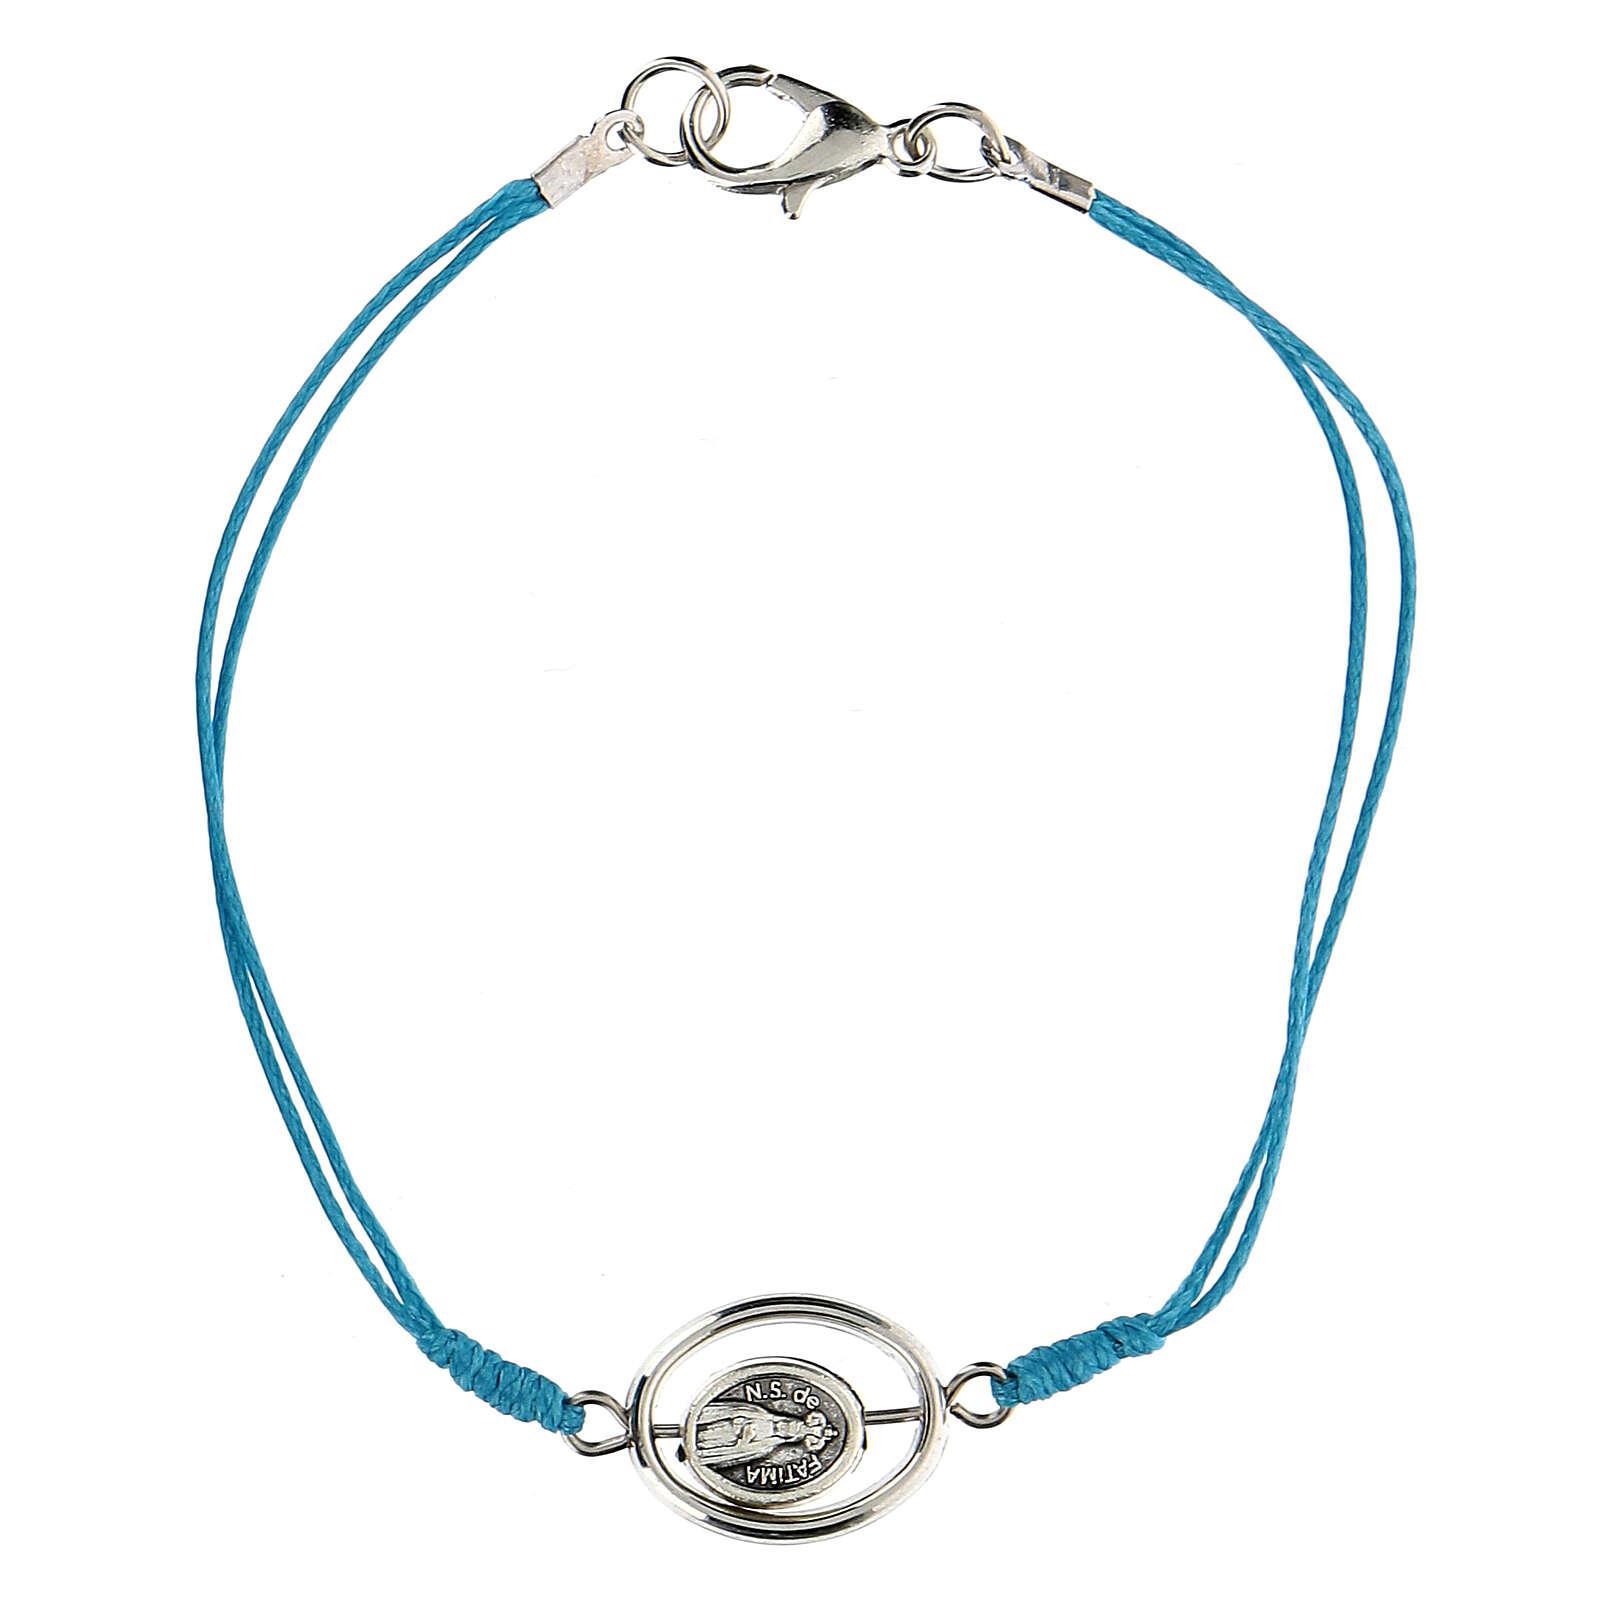 Pulsera Virgen de Fátima cuerda azul 9 mm 4